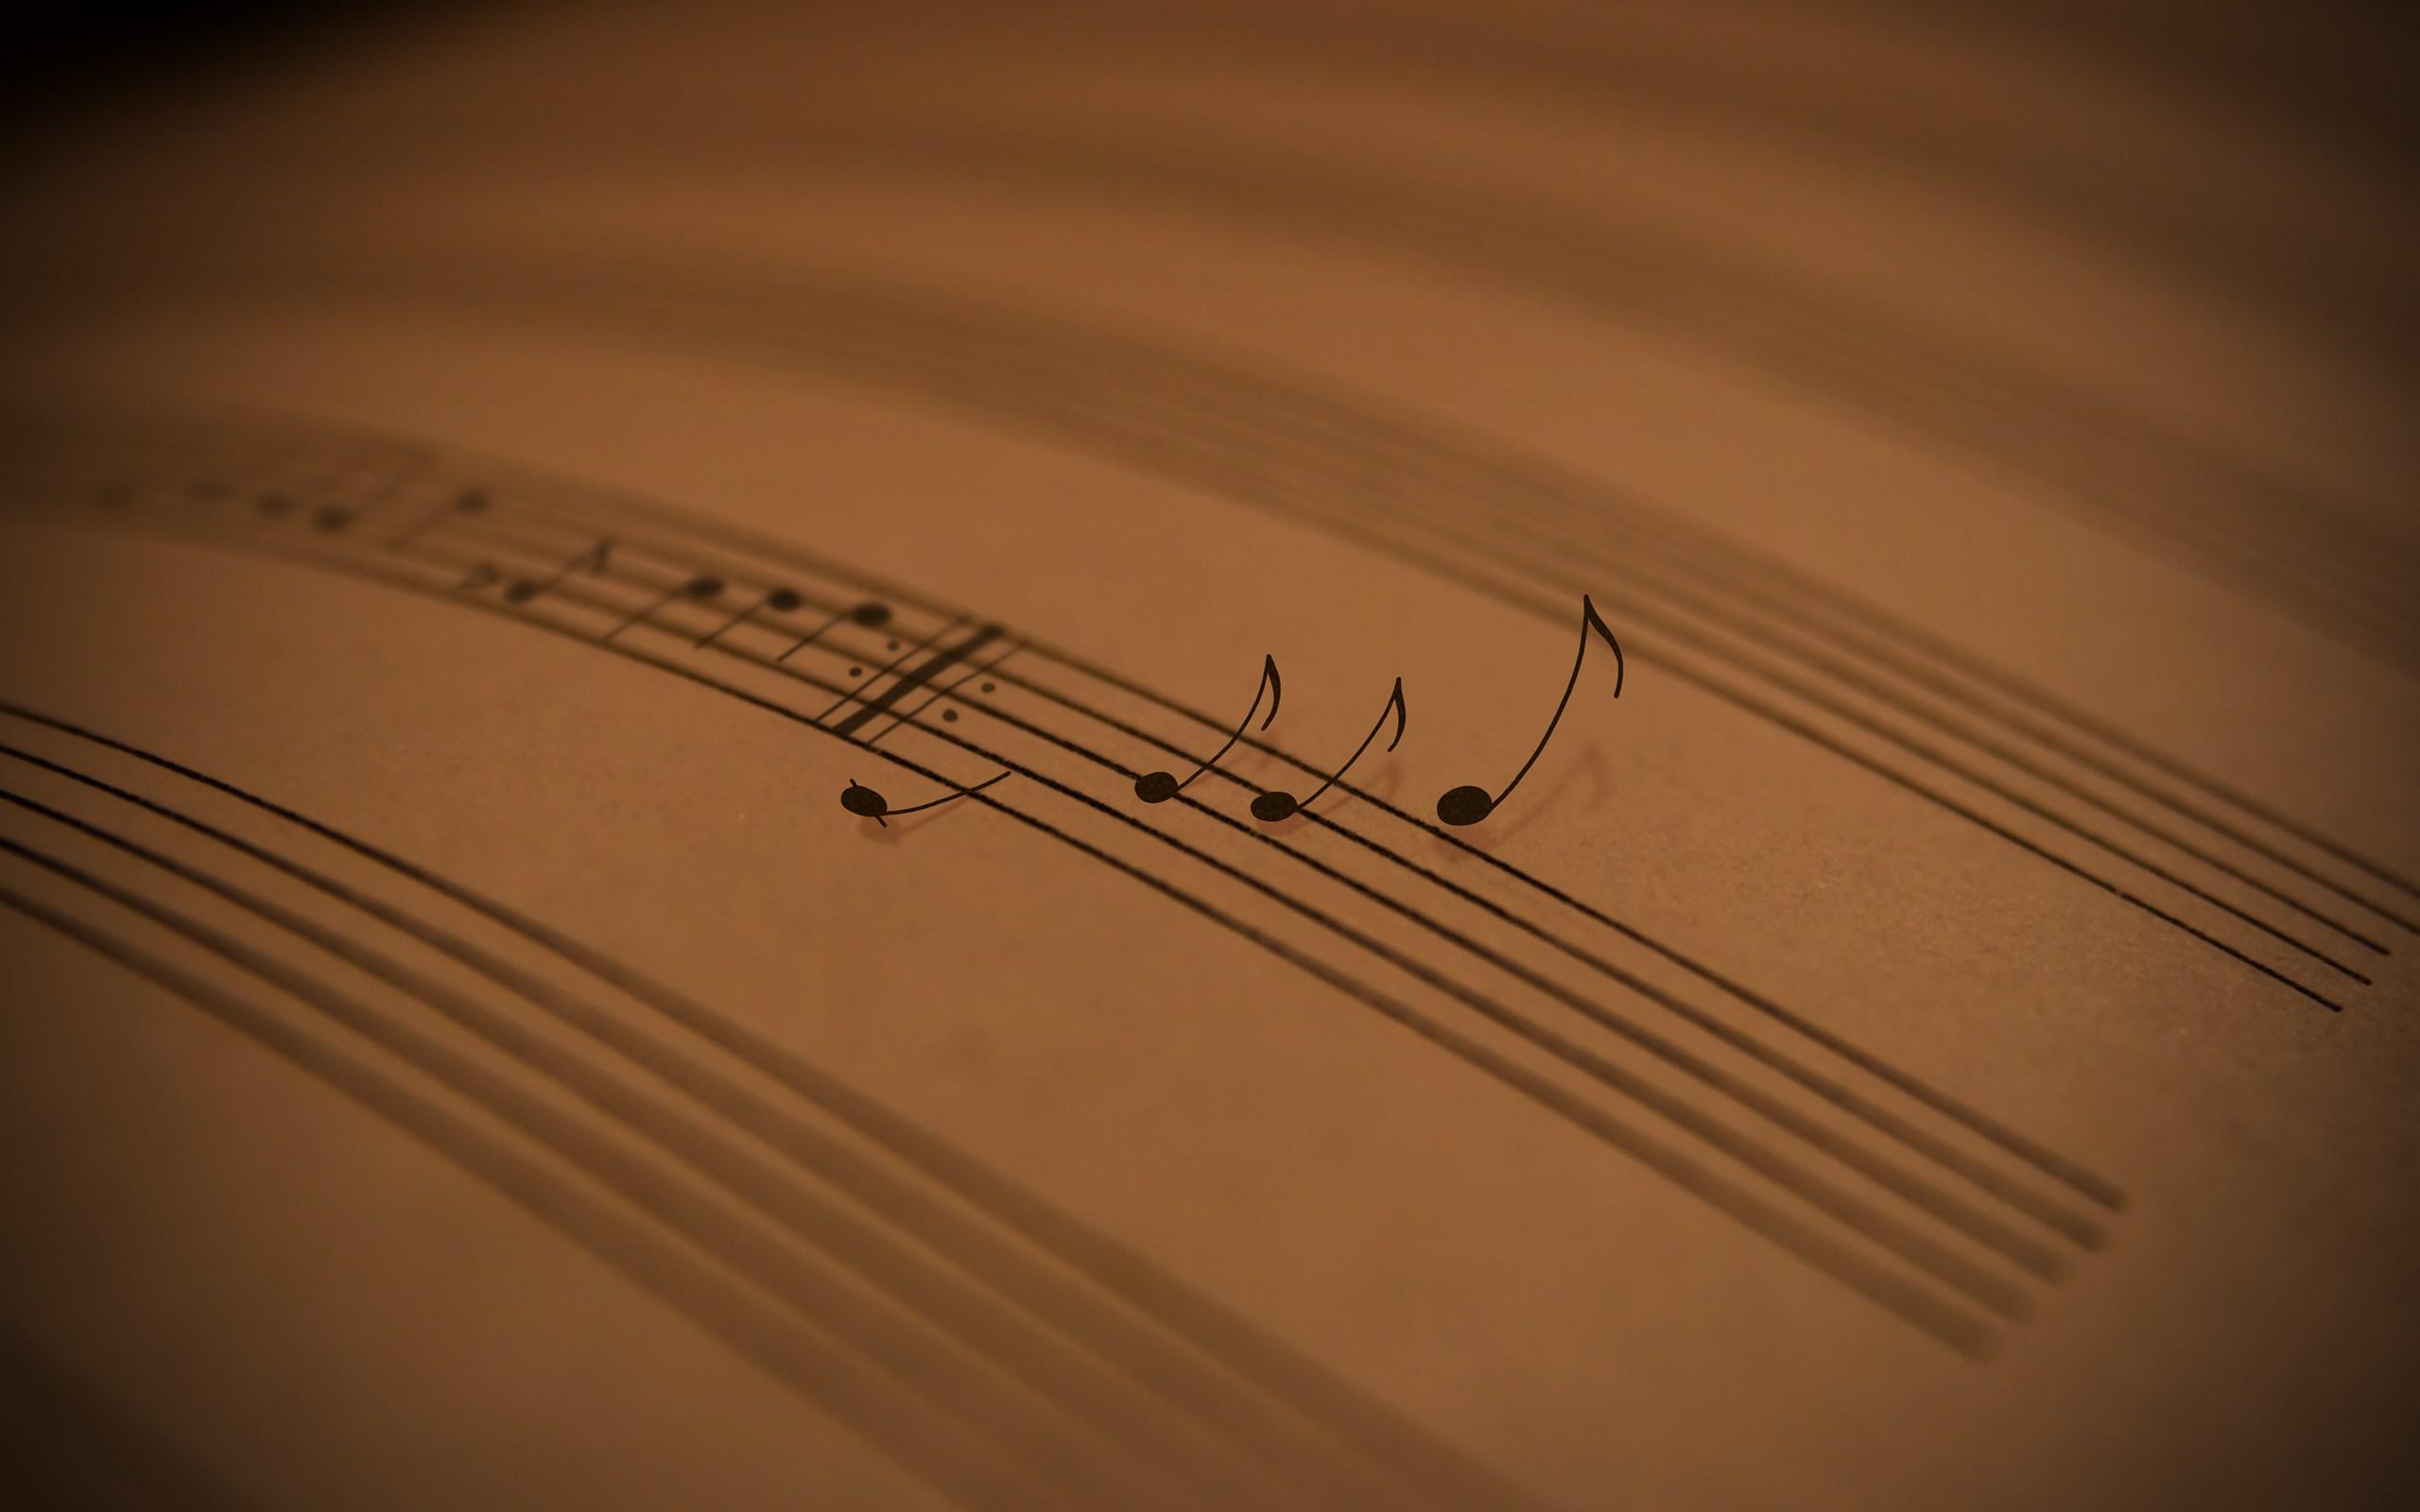 красивая музыка хорошего качества вчера- земным